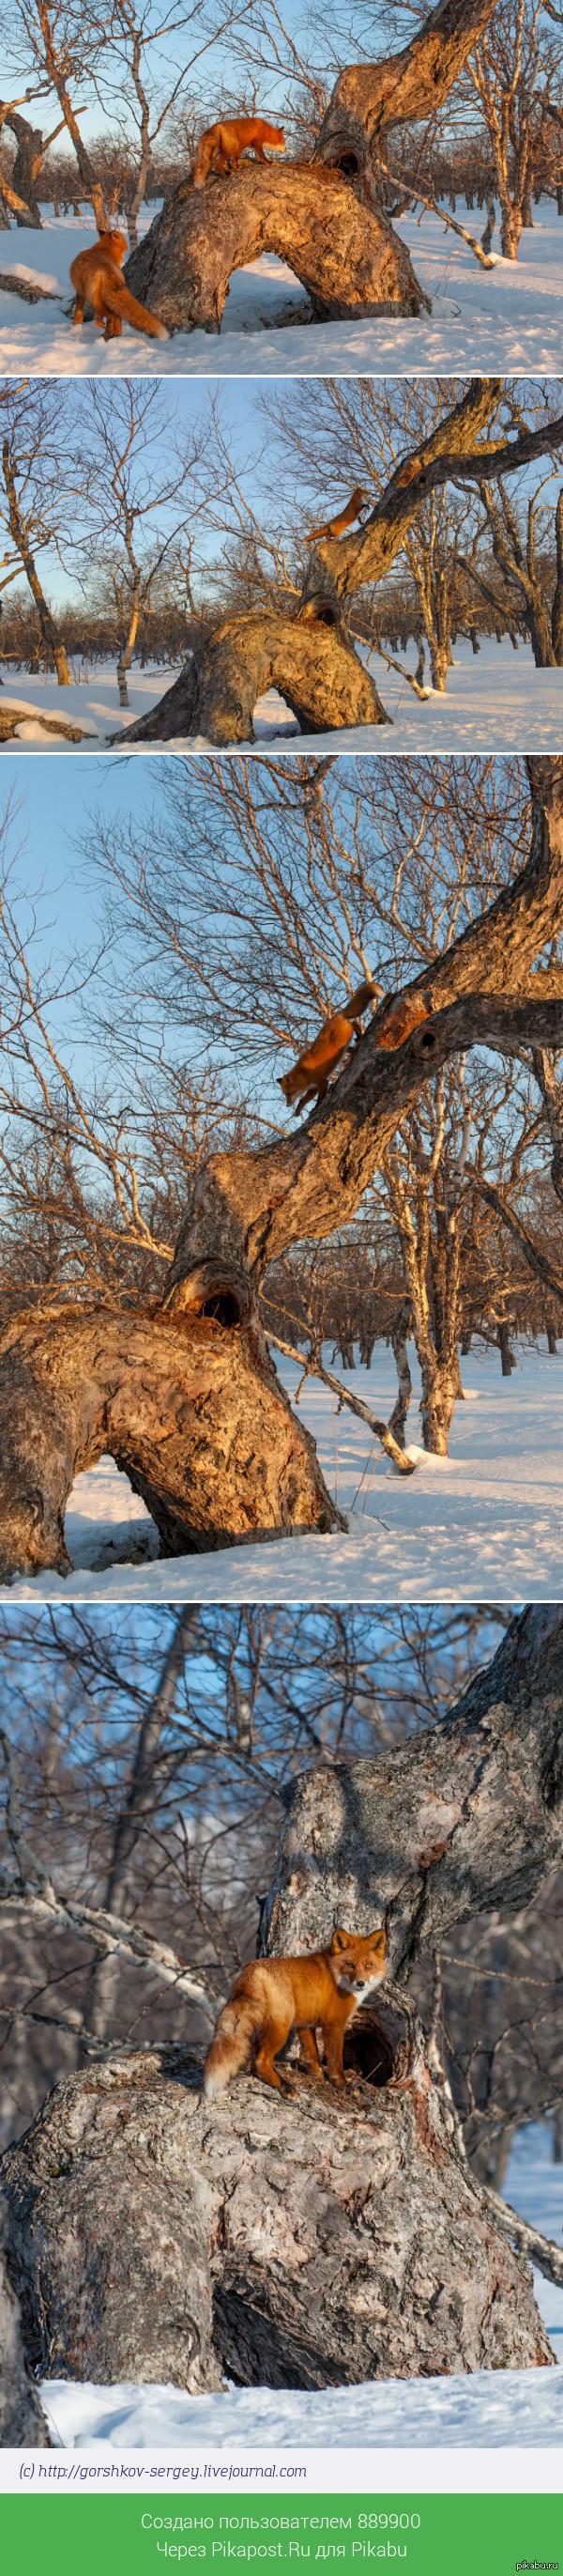 В  Кроноцком заповеднике лисы умеют залезать на деревья =) Раньше на лис активно охотились, но в заповеднике им живется спокойно, кроме фотографов их здесь  никто не беспокоит.